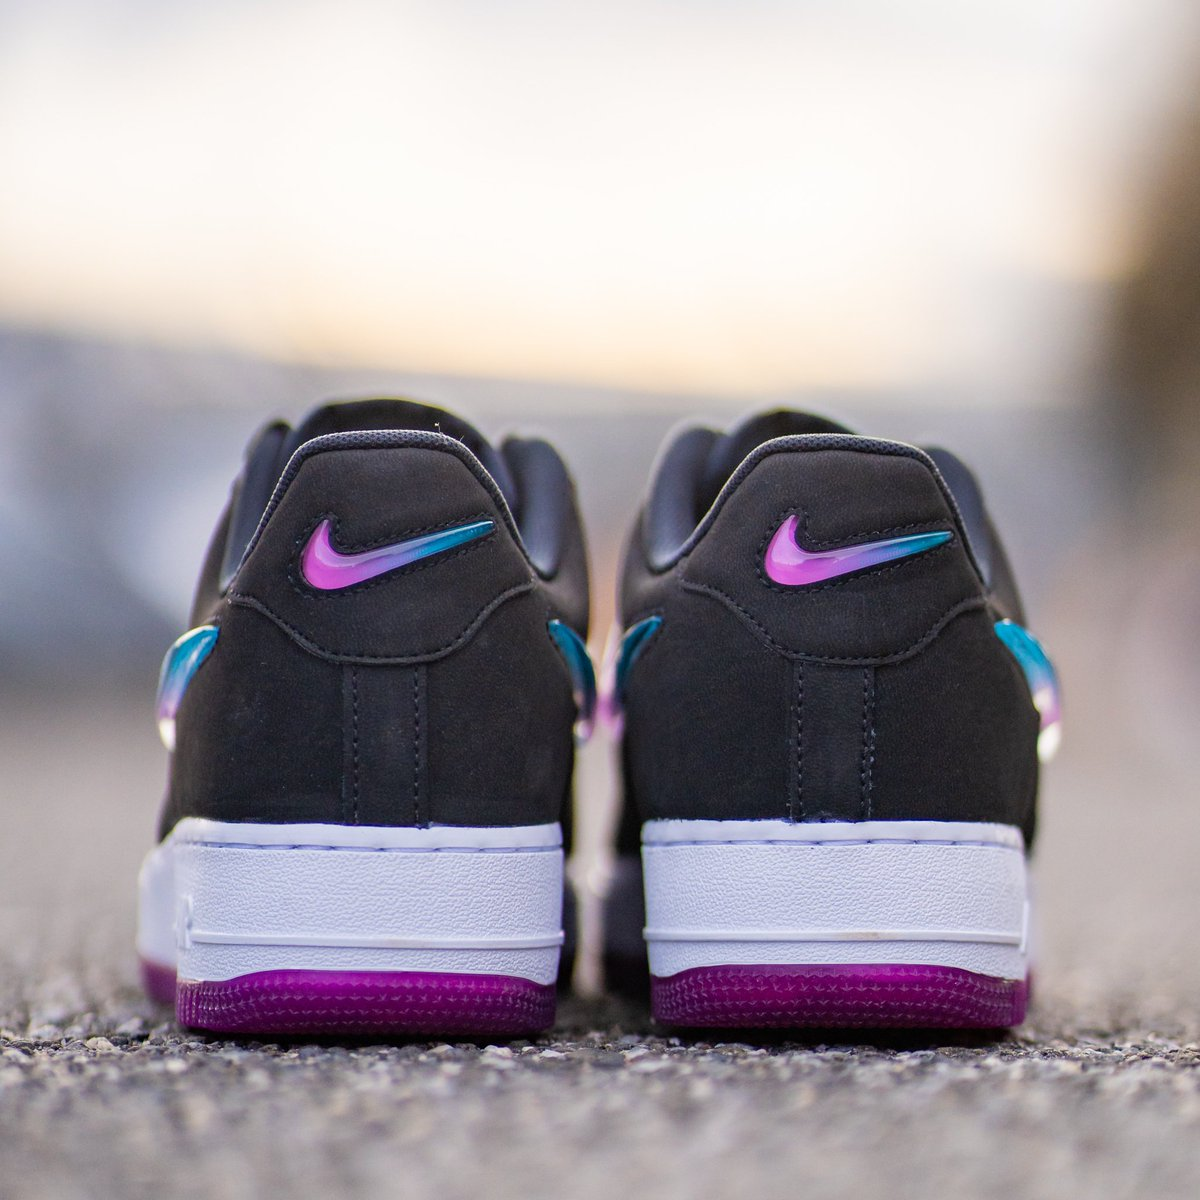 3fb027d3e8ce GB S Sneaker Shop on Twitter